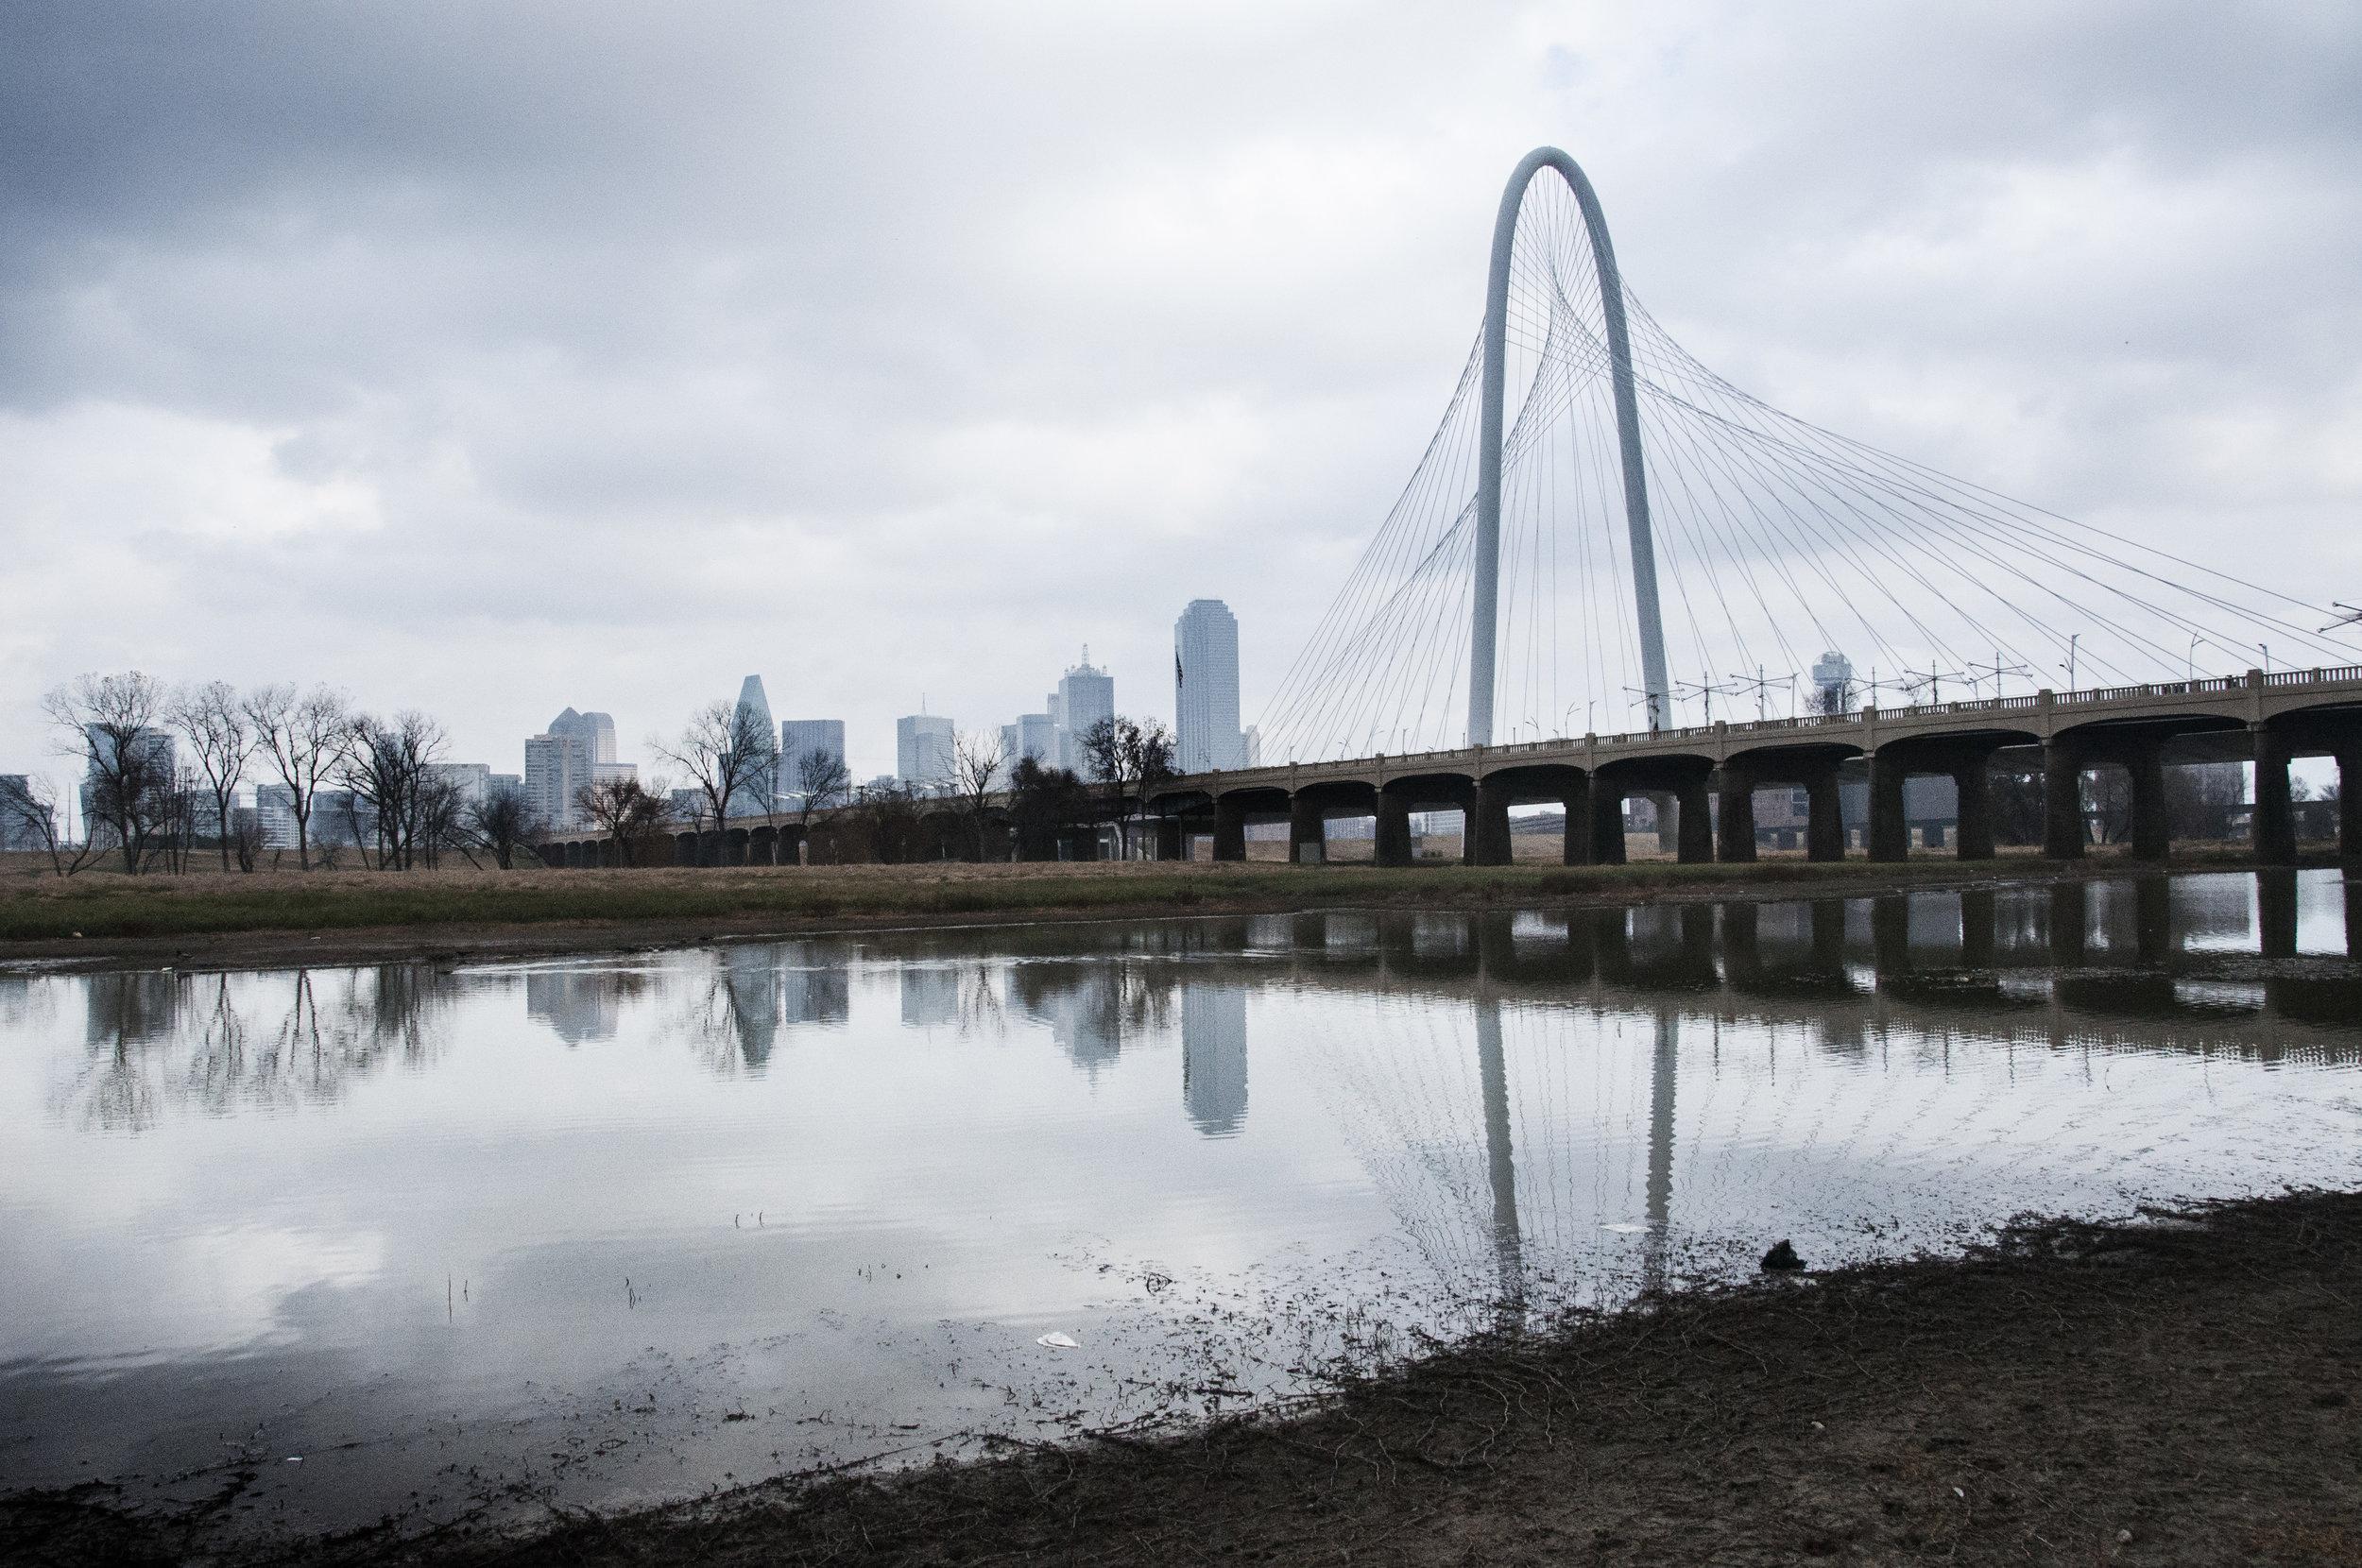 A City's Reflection